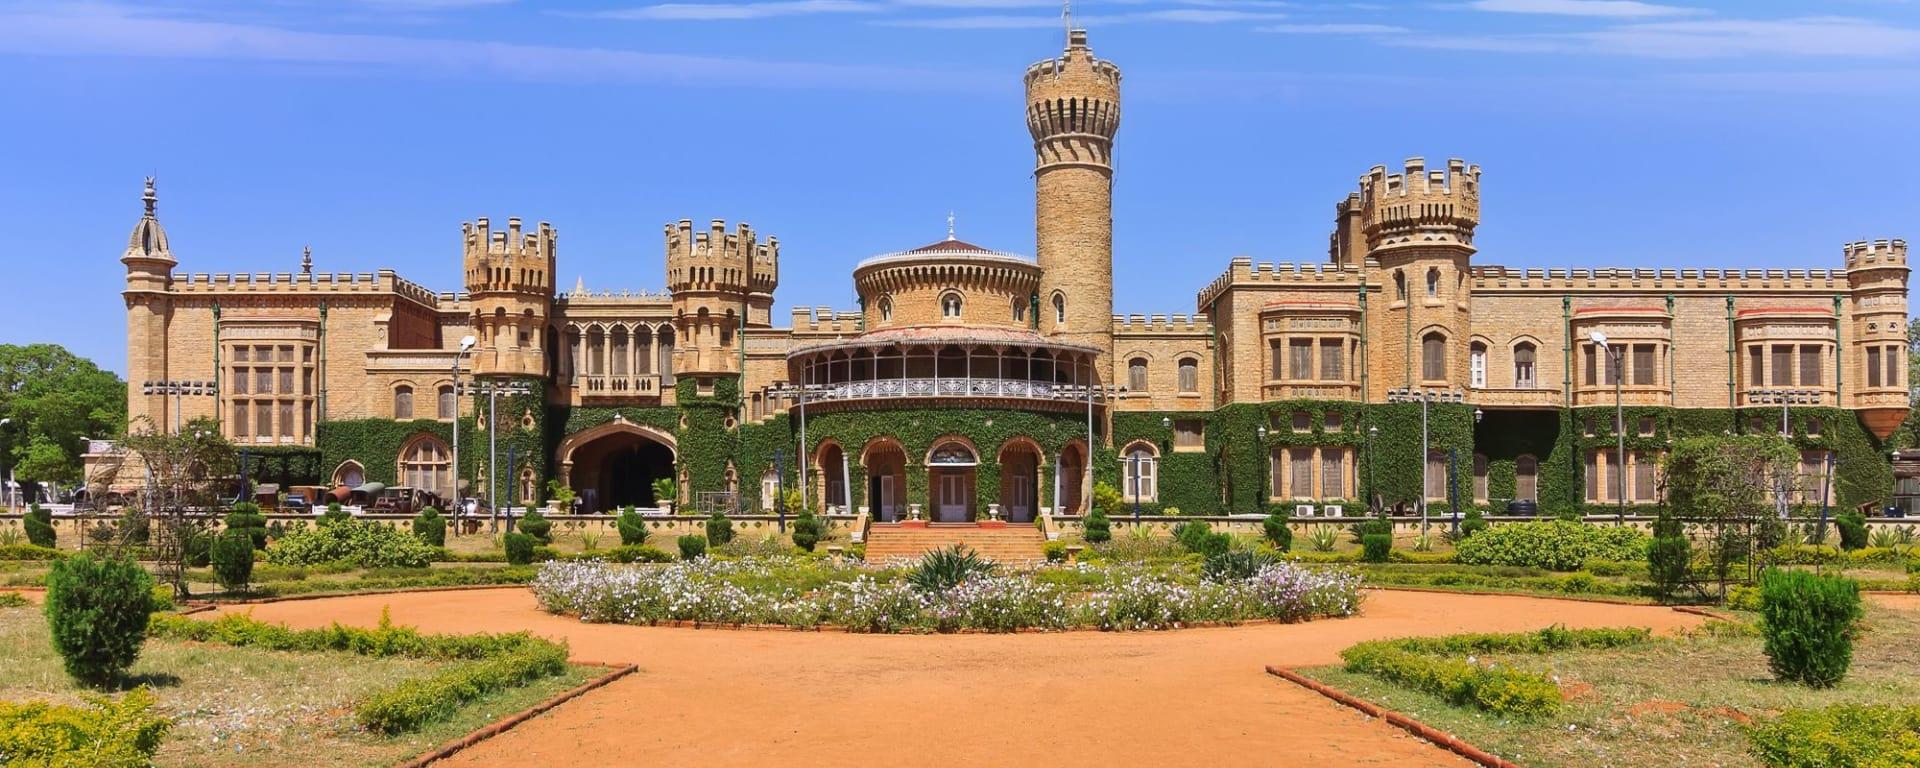 Le sud diversifié de l'Inde de Kochi: Bangalore: Palace